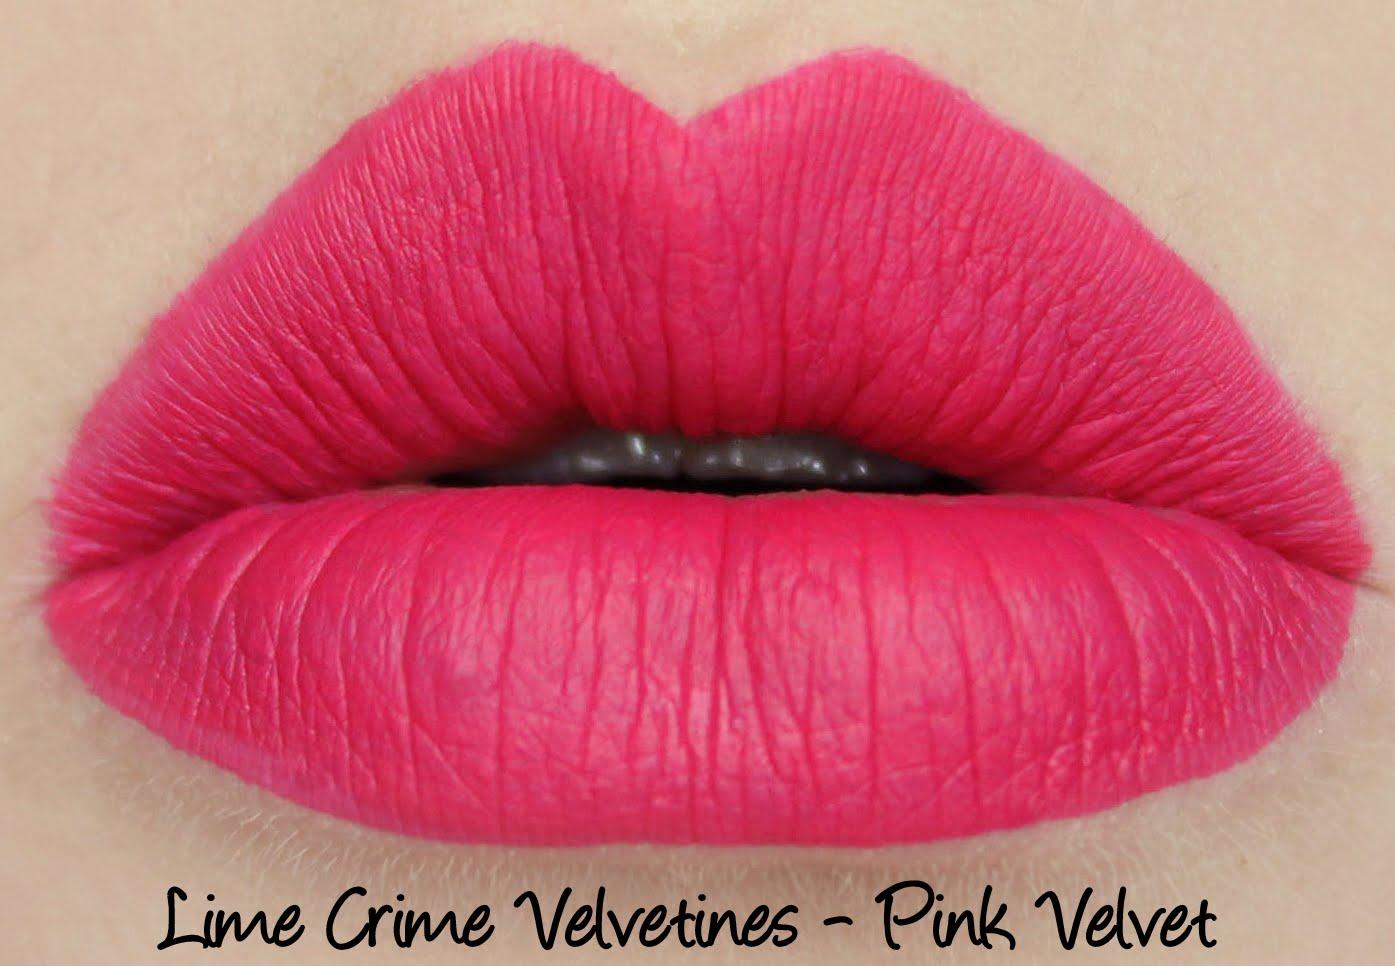 Lime Crime Velvetine Pink Velvet lipstick swatch